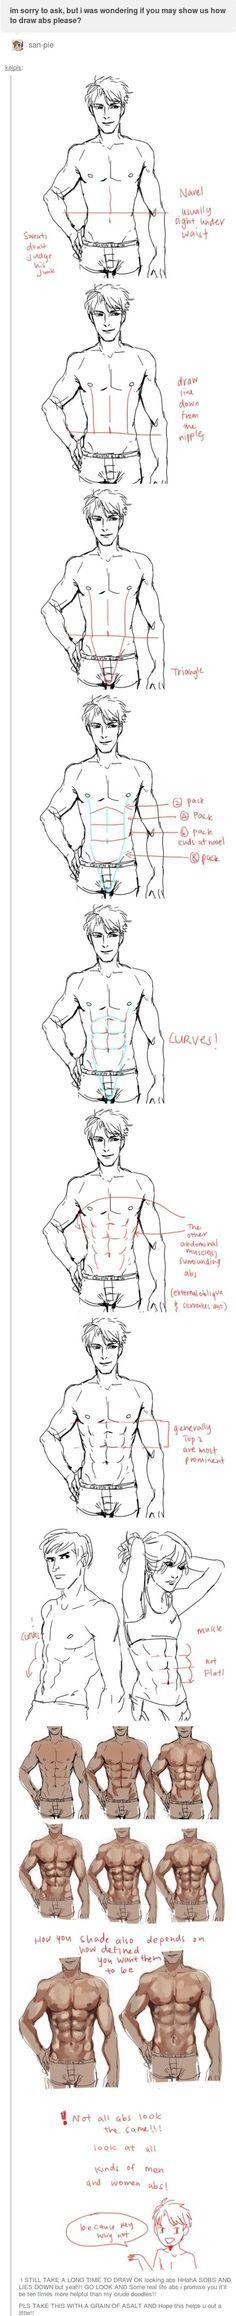 全日本プロレス 中島 洋平 Yohei Nakajima | anatomia masculina | Pinterest